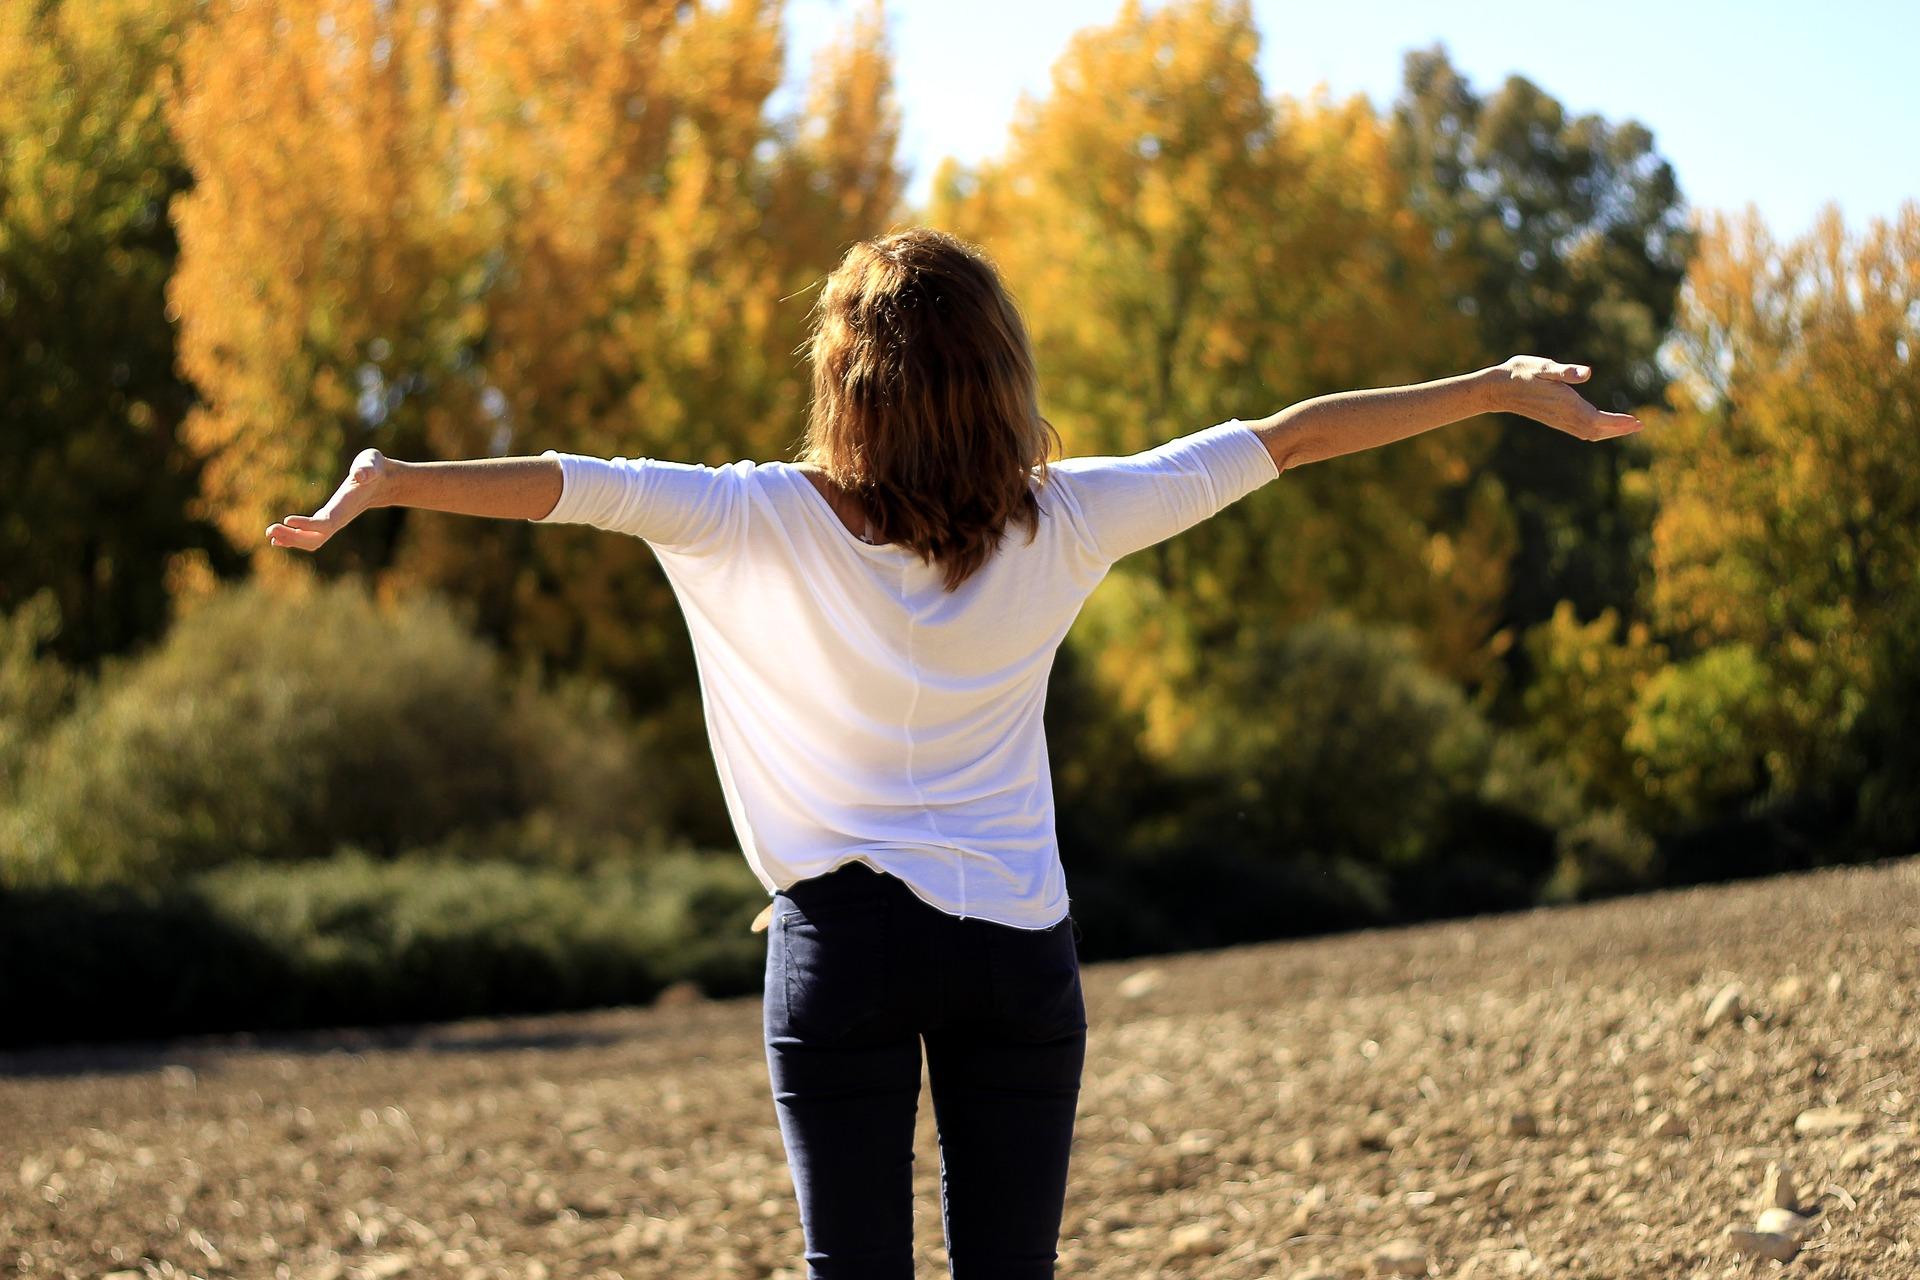 両手を広げのびする女性の画像